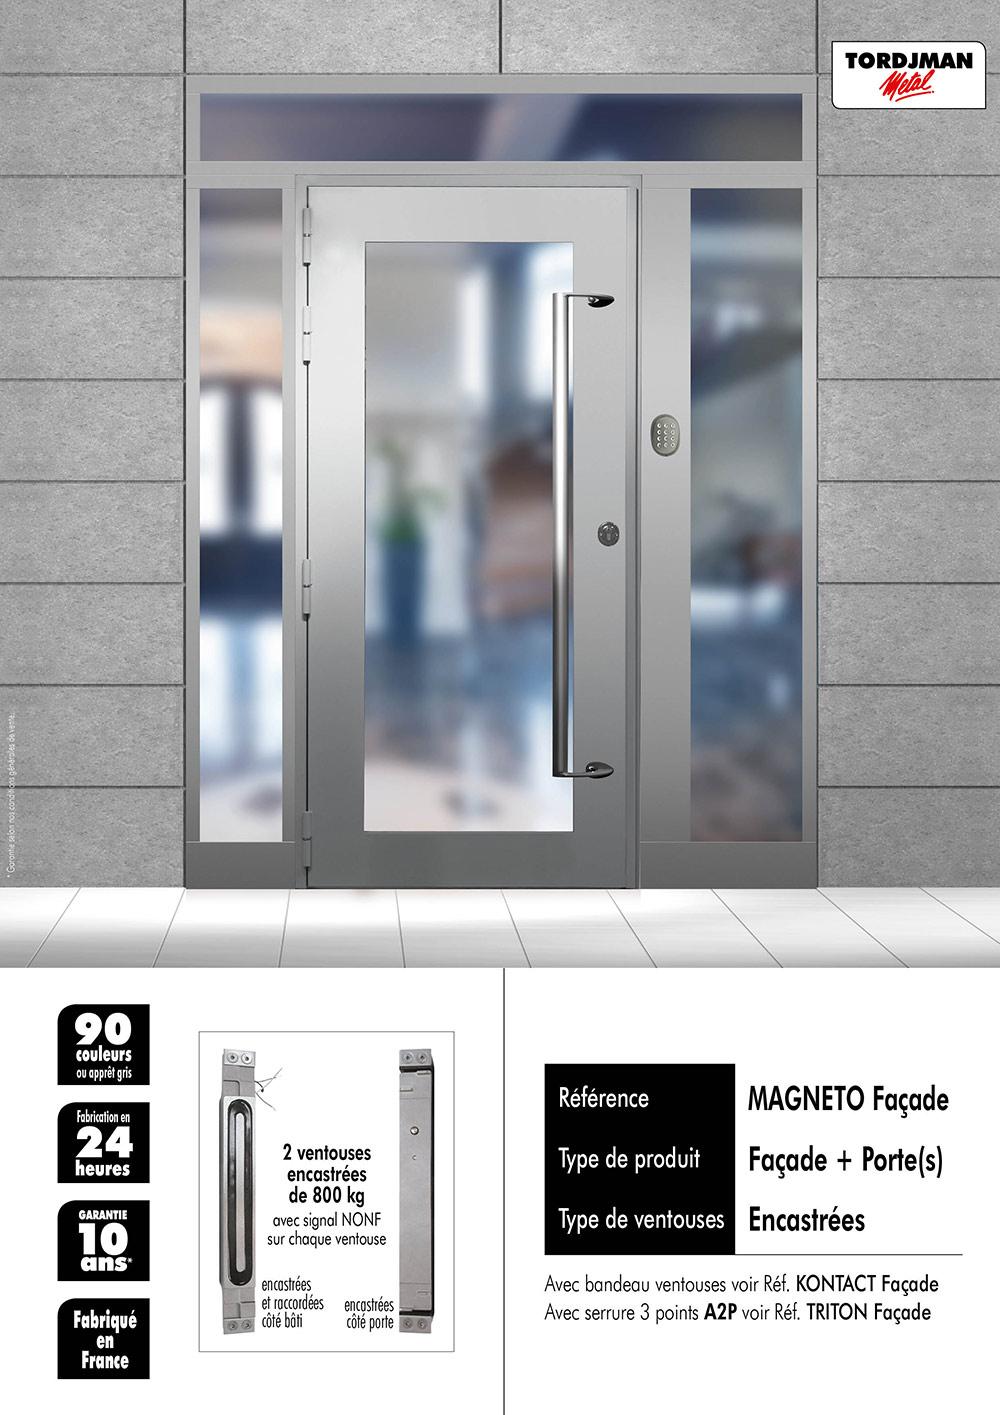 Porte avec fermeture magnetique